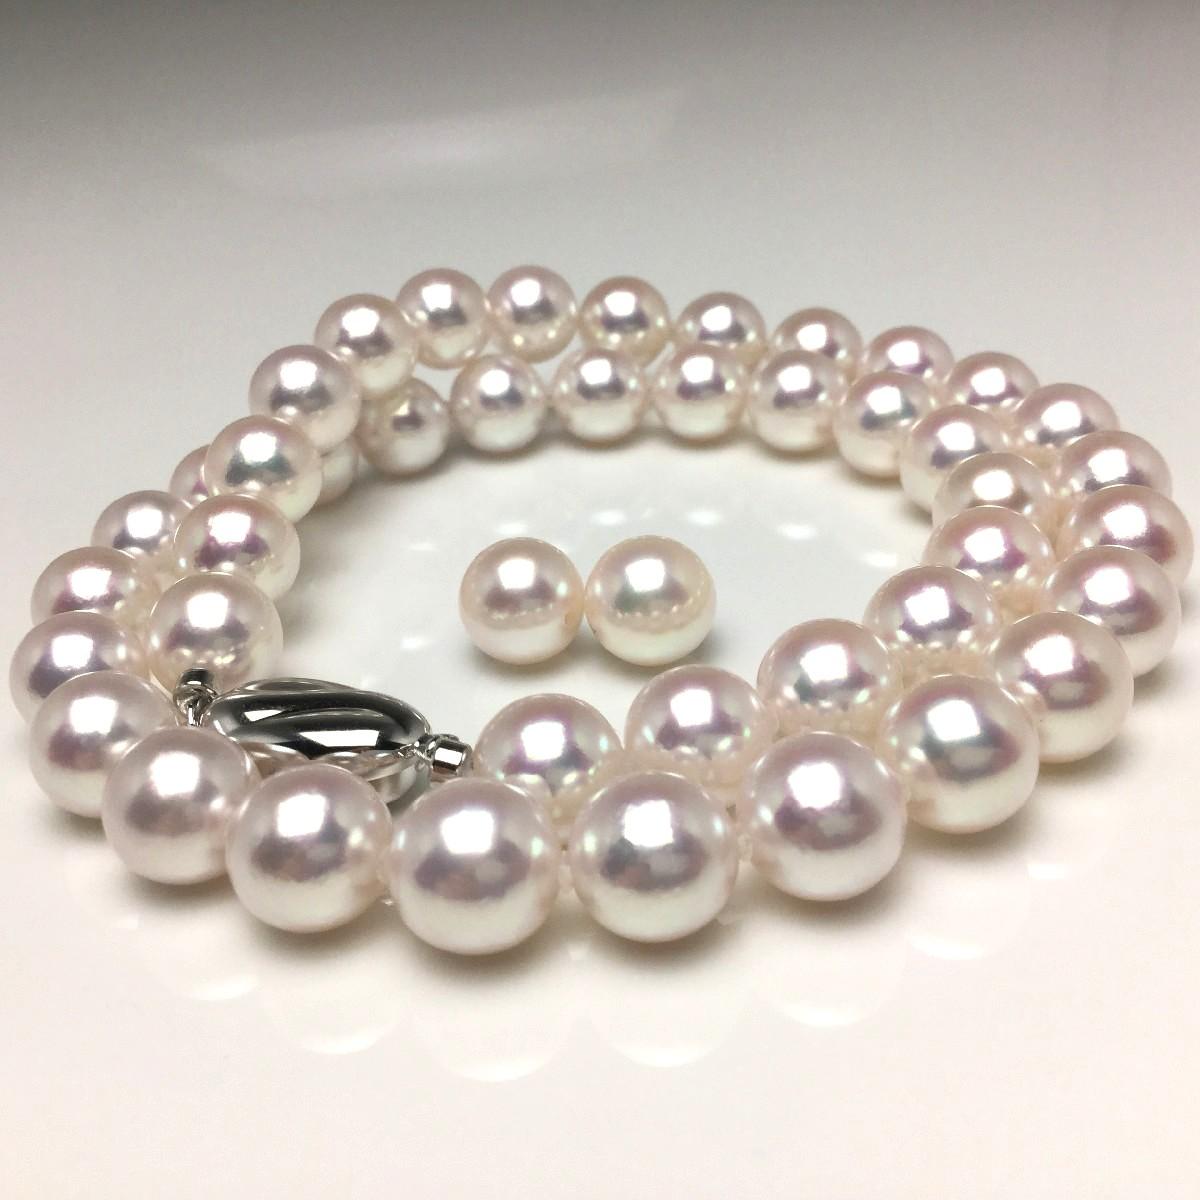 真珠 ネックレス パール オーロラ・花珠 アコヤ真珠 イヤリング or ピアス セット 9.0-9.5mm ホワイトピンク シルバー クラスップ 67122 イソワパール